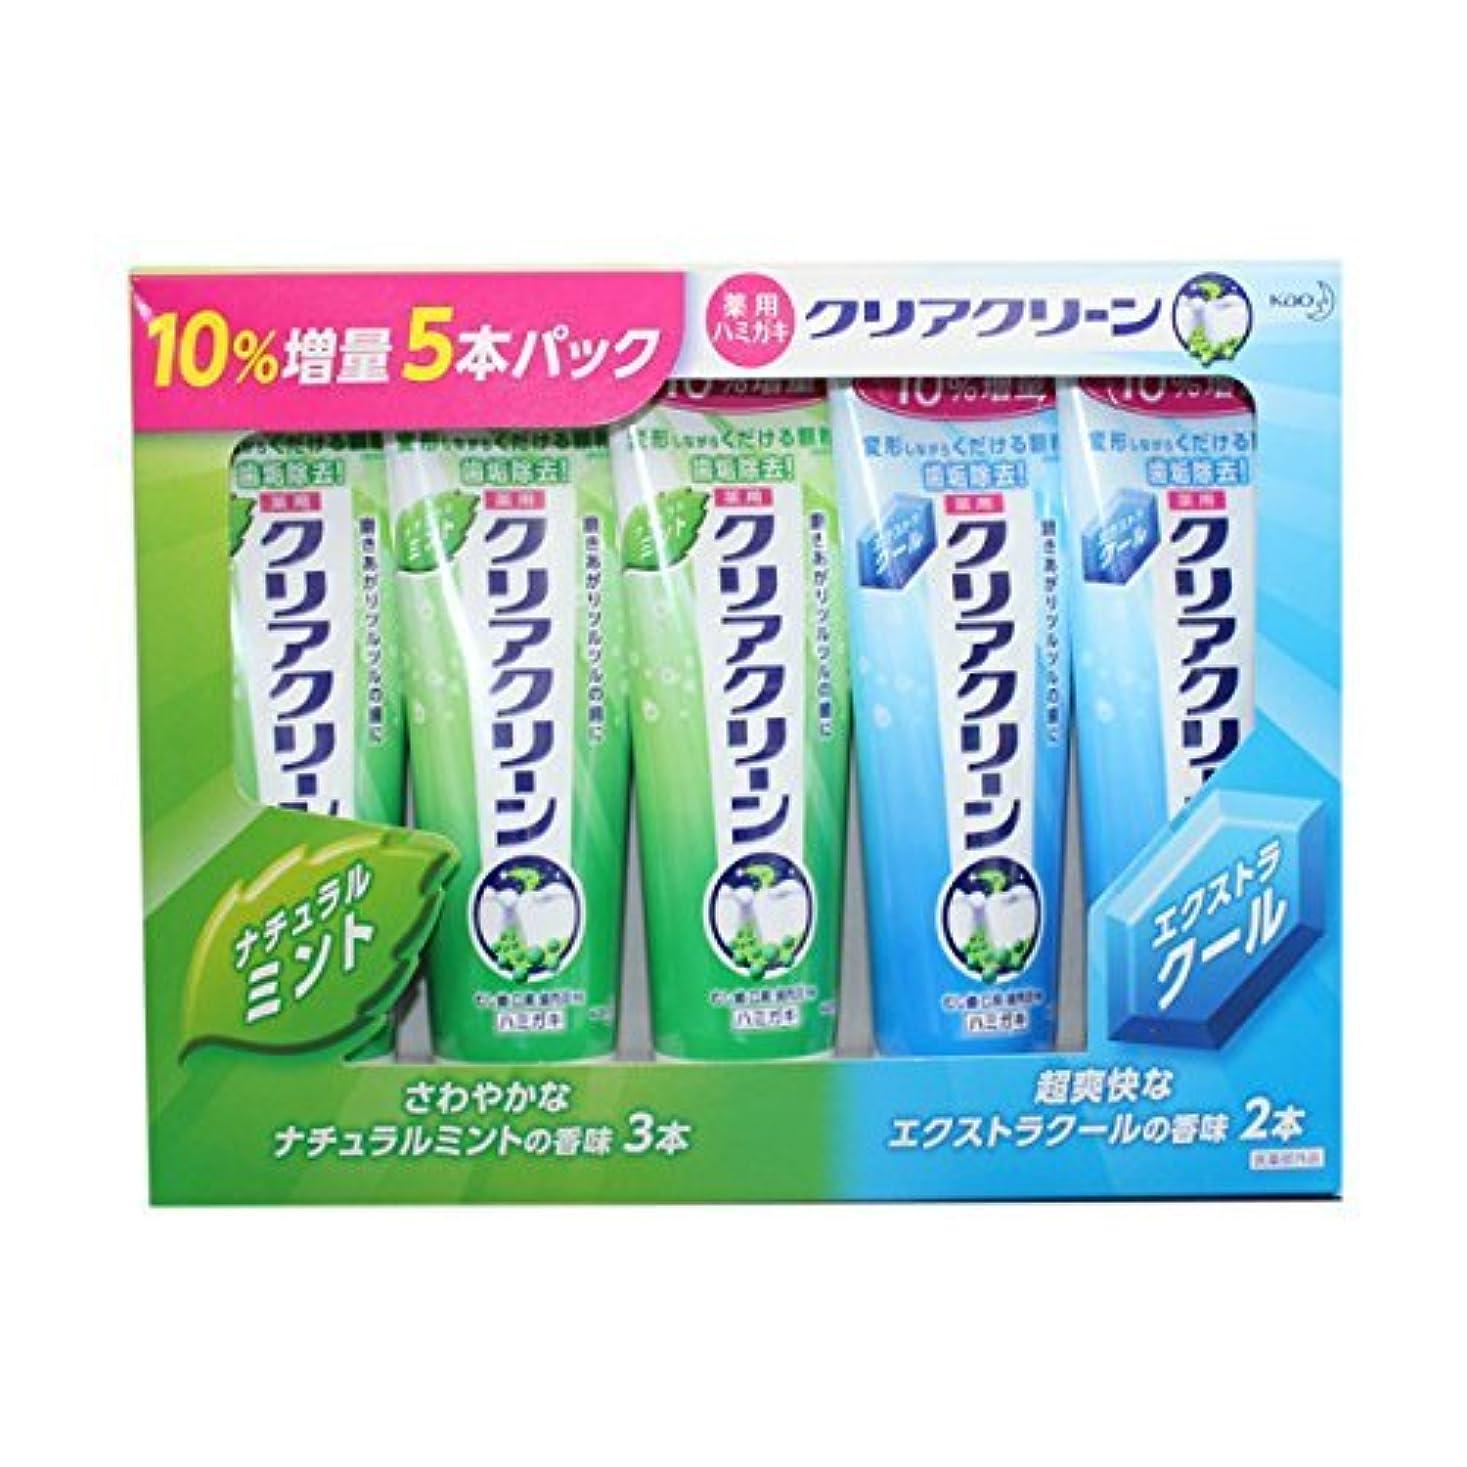 決定するデュアルフォーラムクリアクリーン 143gx5本セット(ナチュラルミントx3/エクストラクールx2) 10%増量セット 歯磨き粉